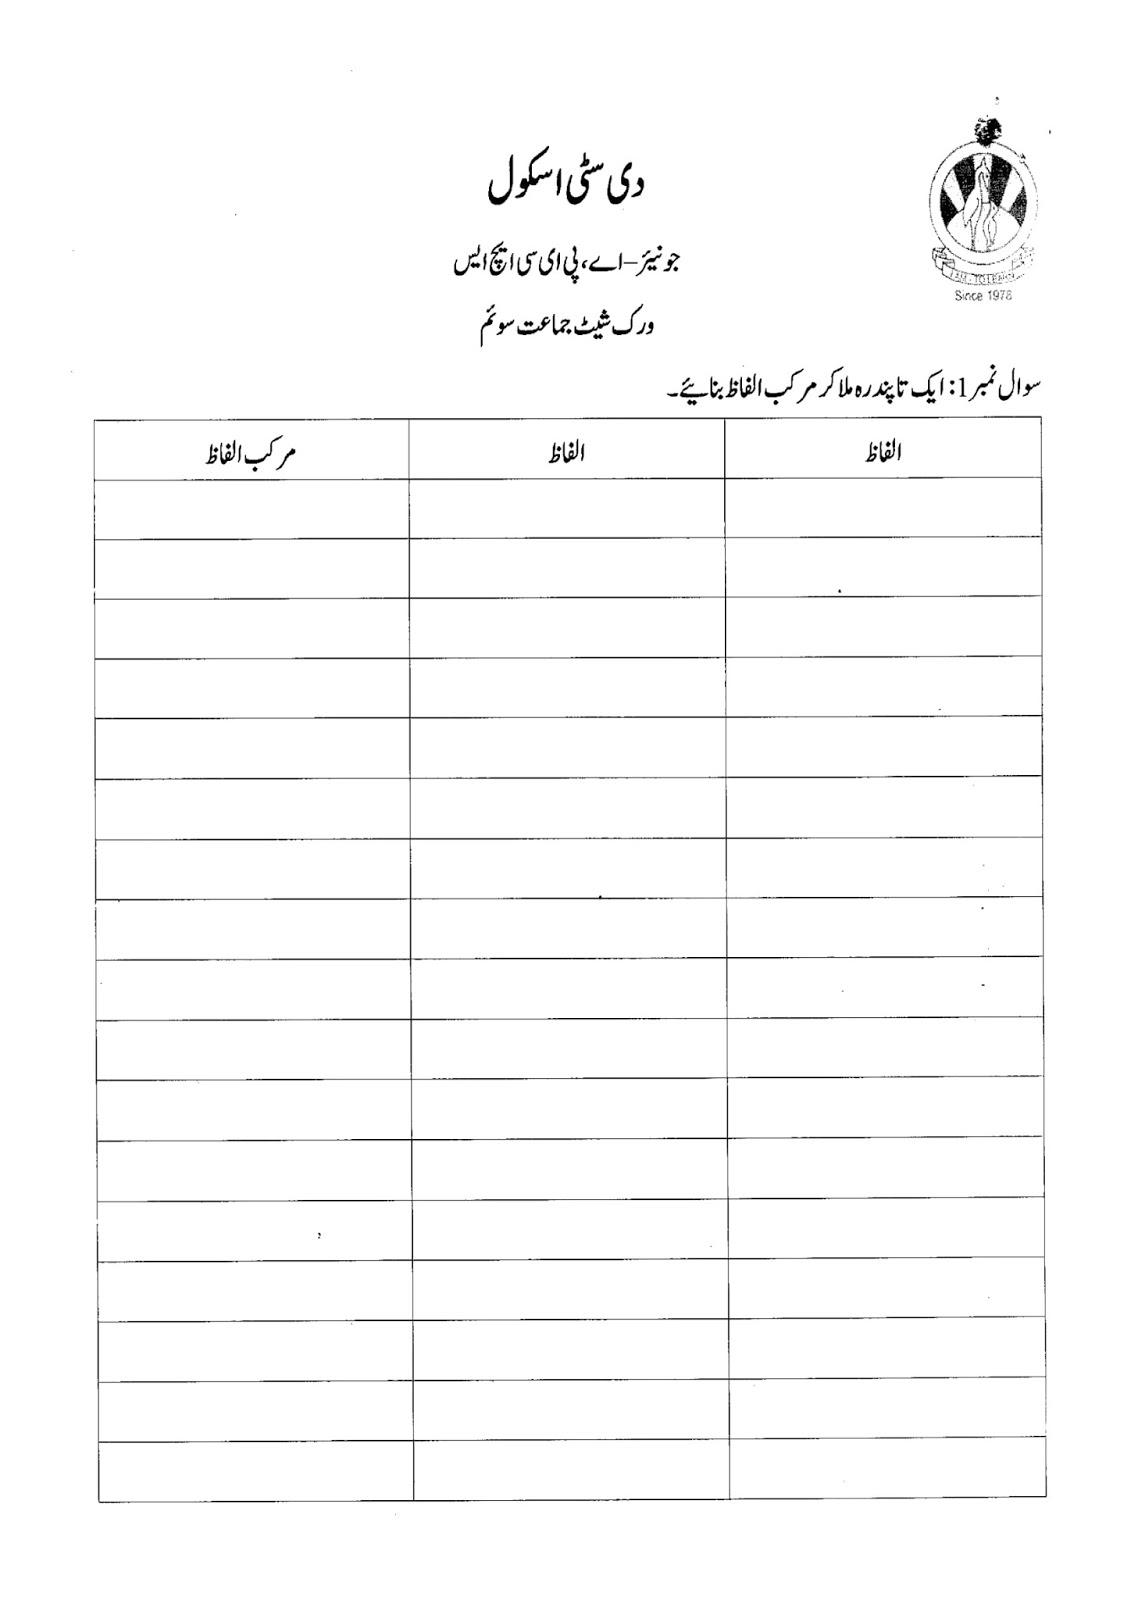 Worksheet Of Urdu